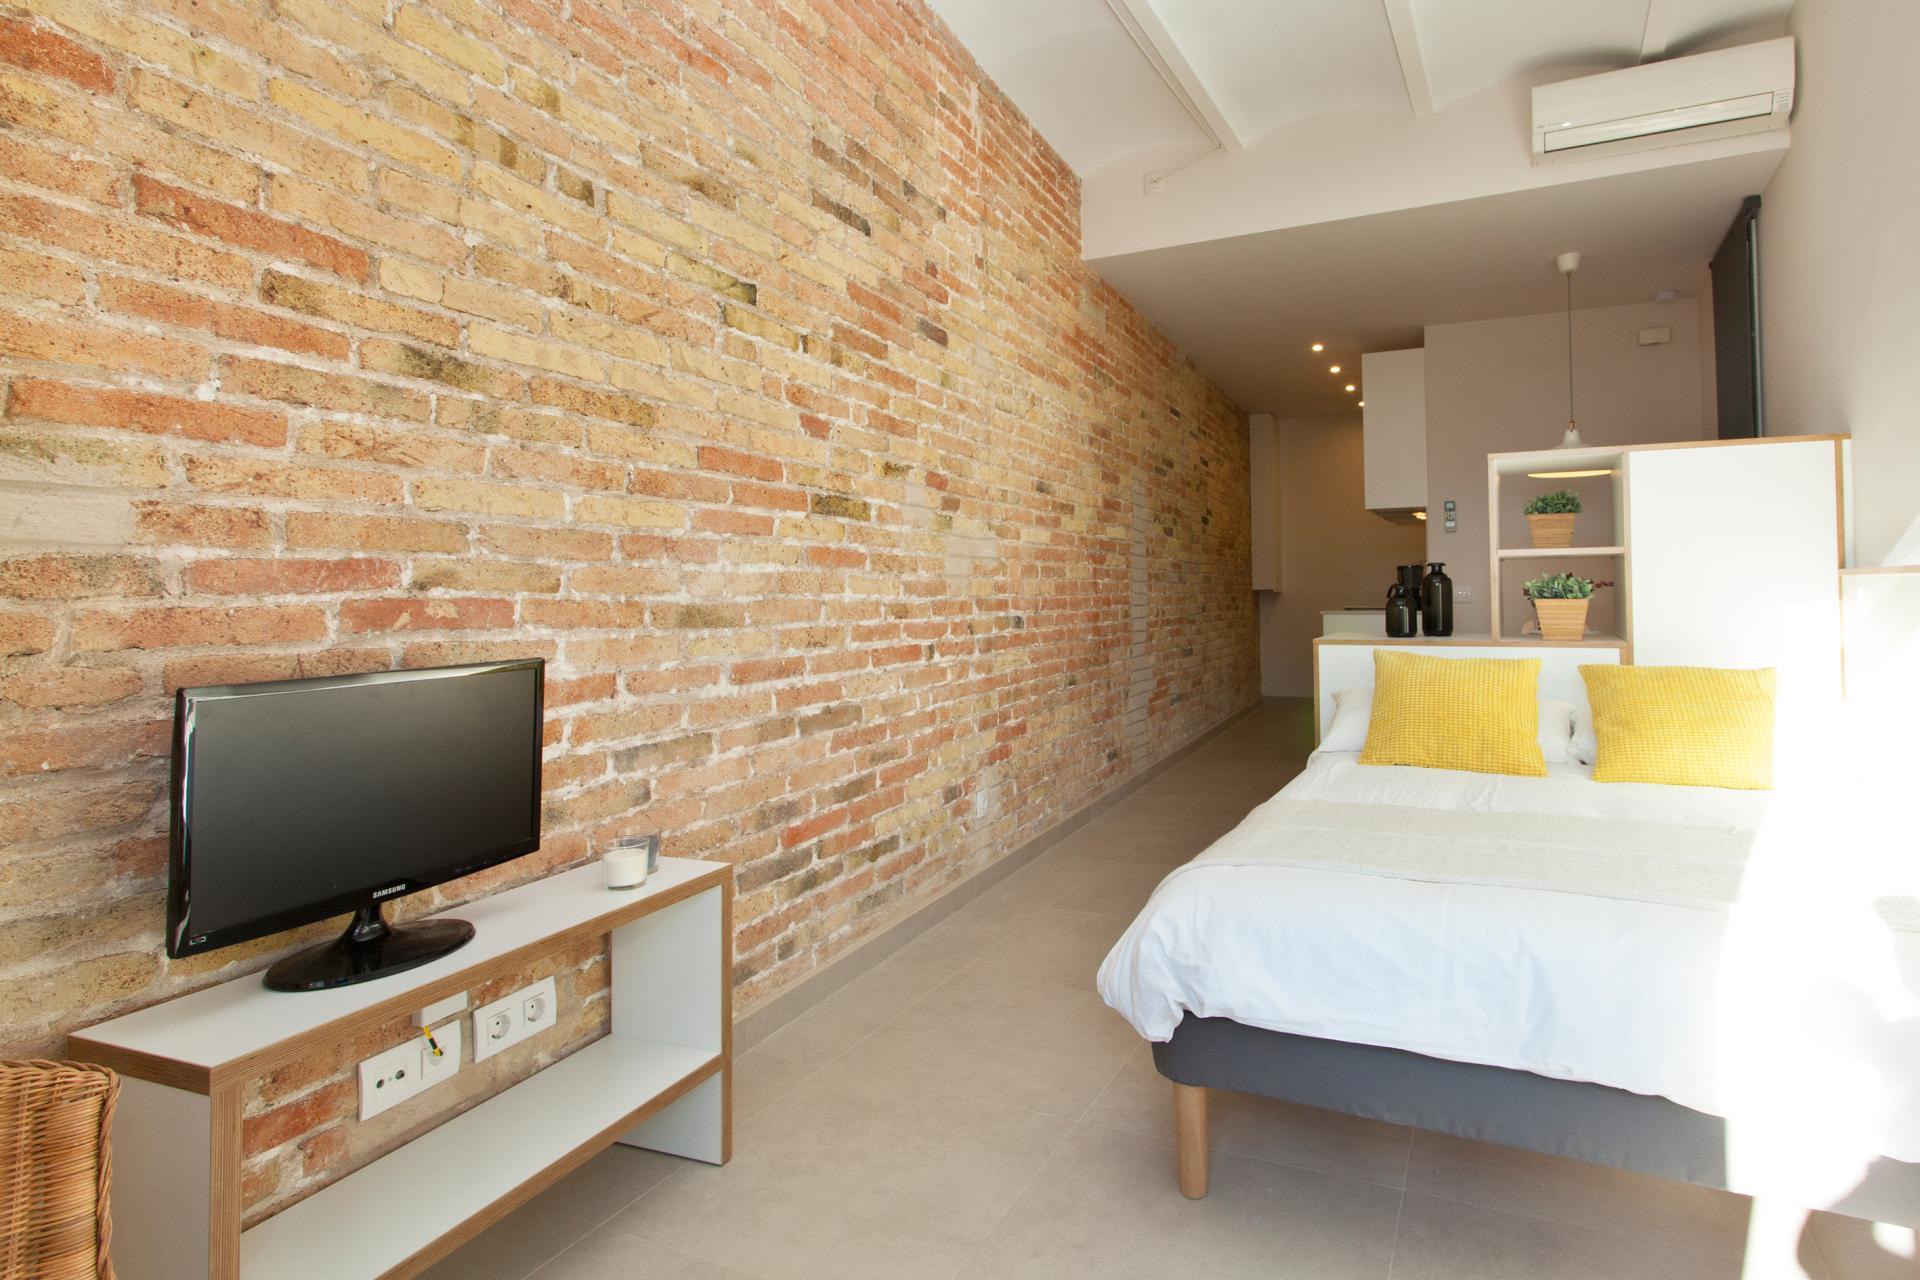 Shbarcelona alquiler piso con balc n en la sagrada familia - Piso alquiler sagrada familia ...